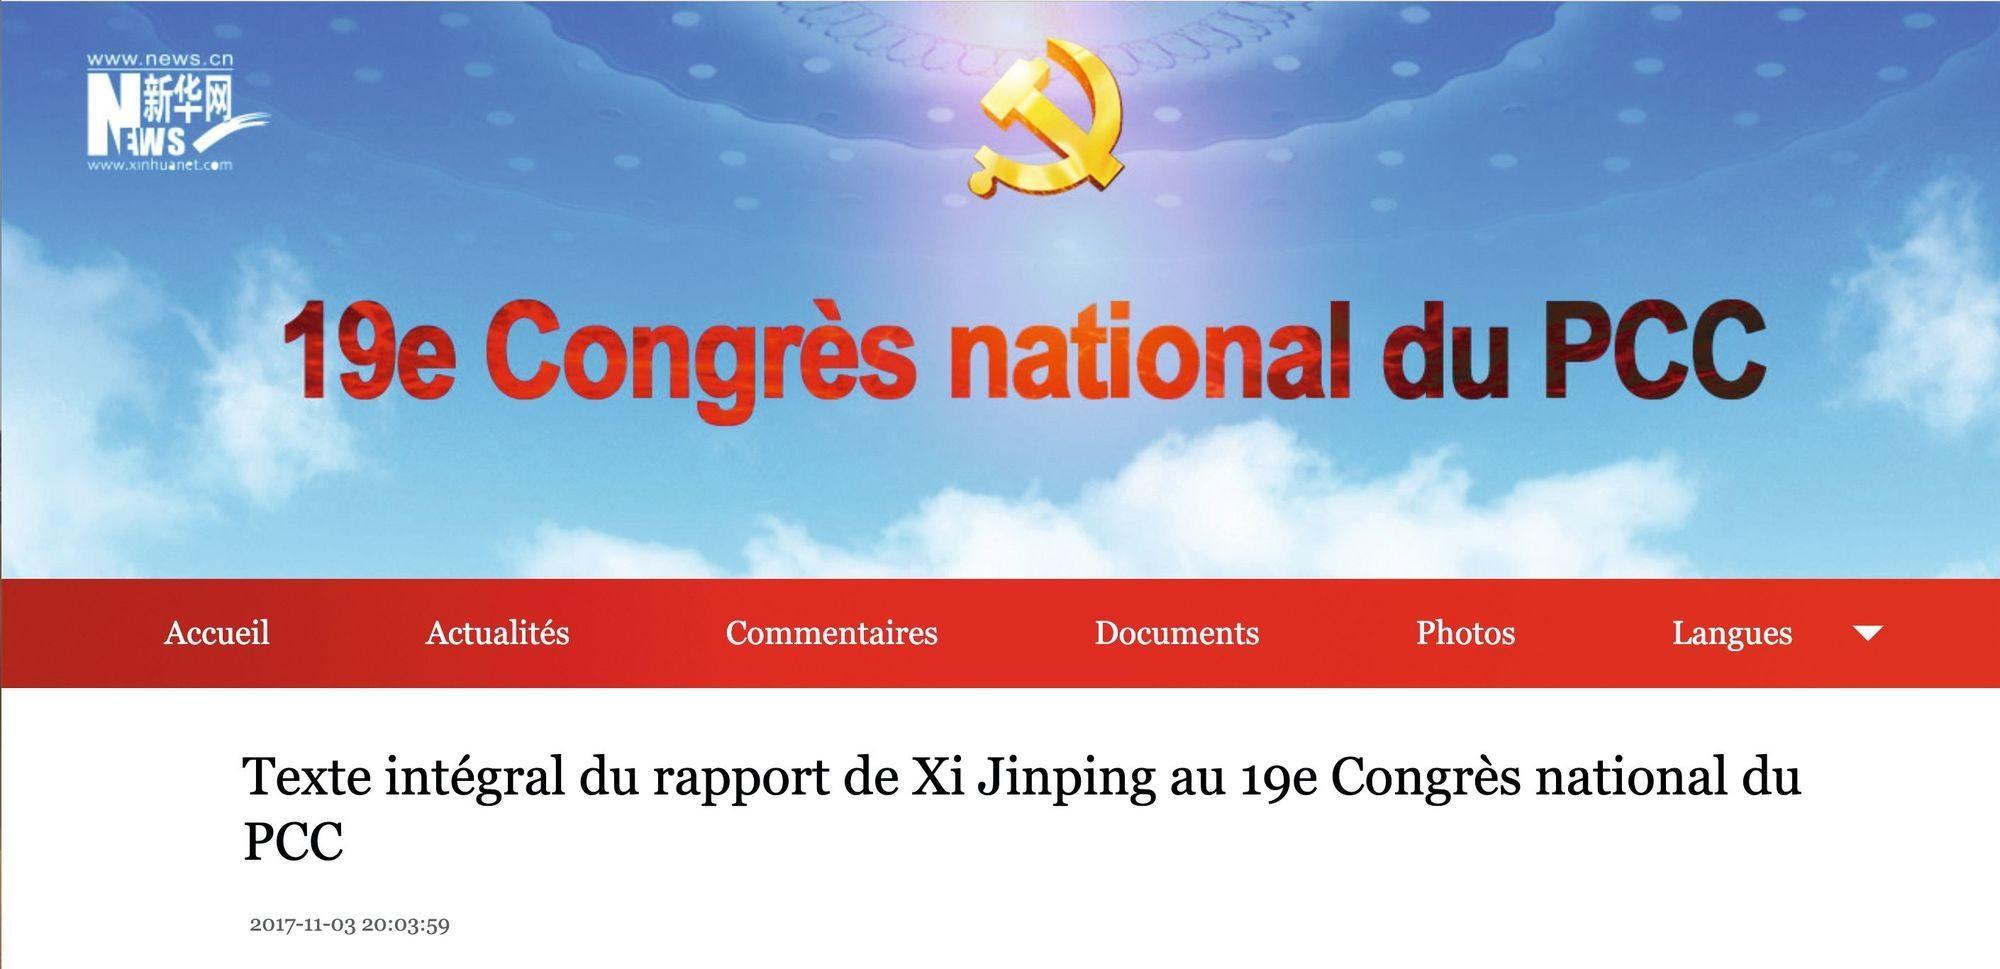 19e Congrès national du PCC